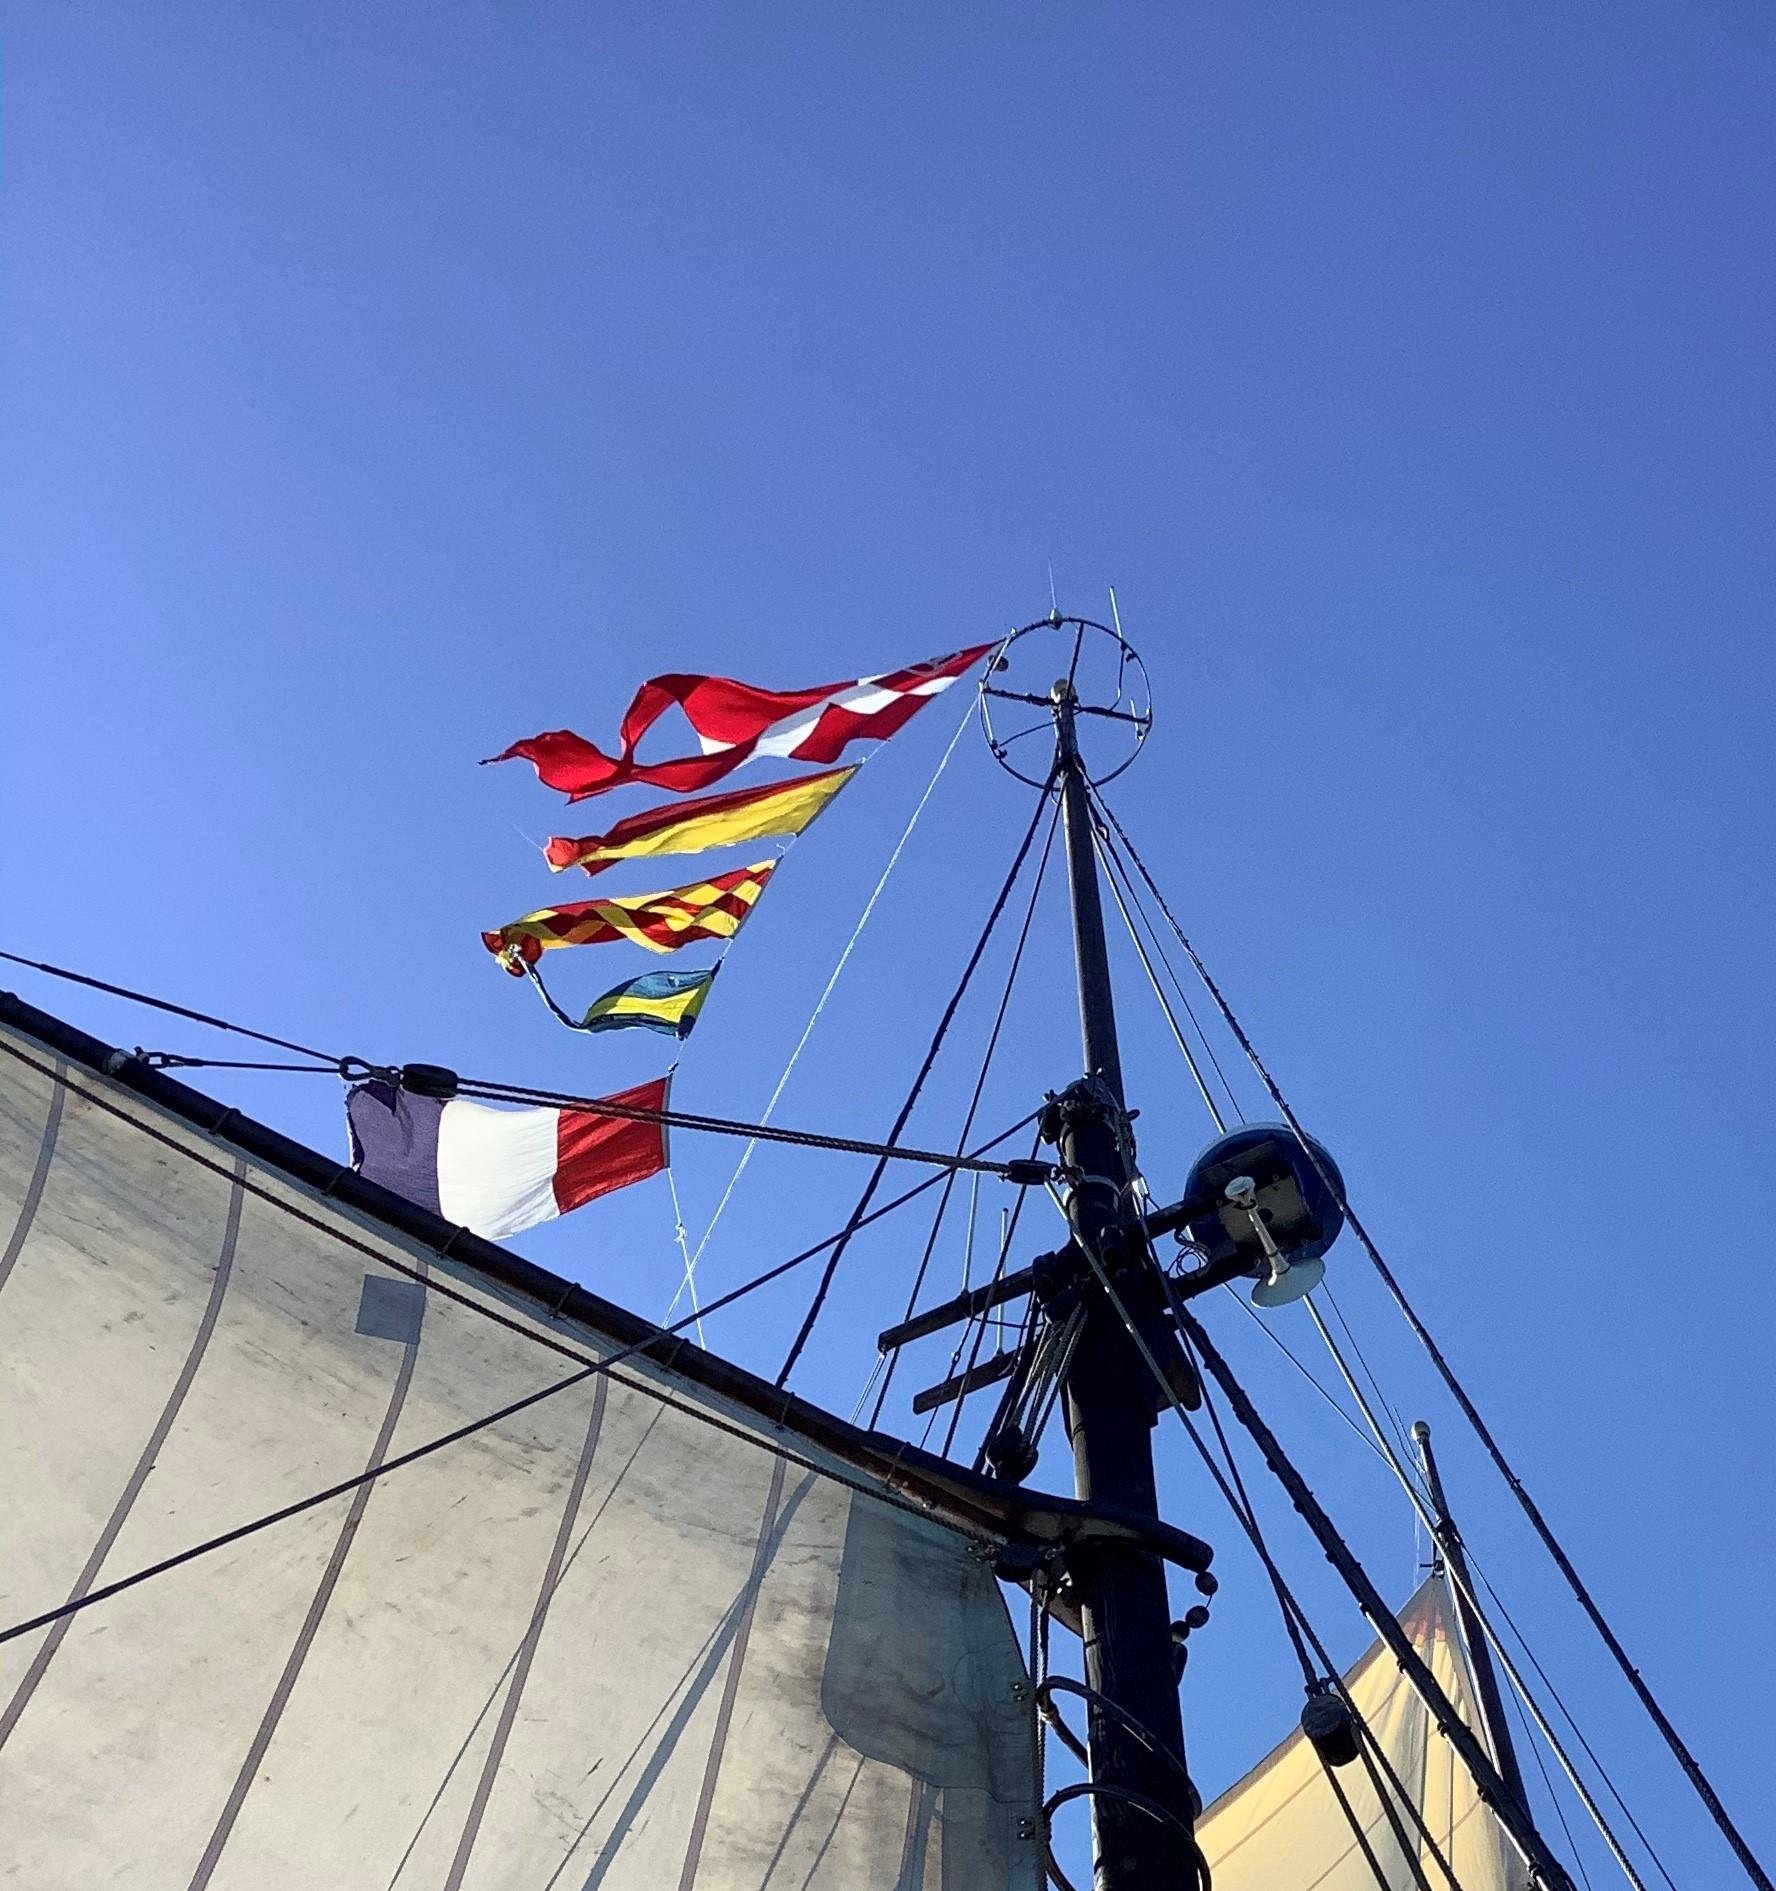 Danebro og signalflag i toppen af masten